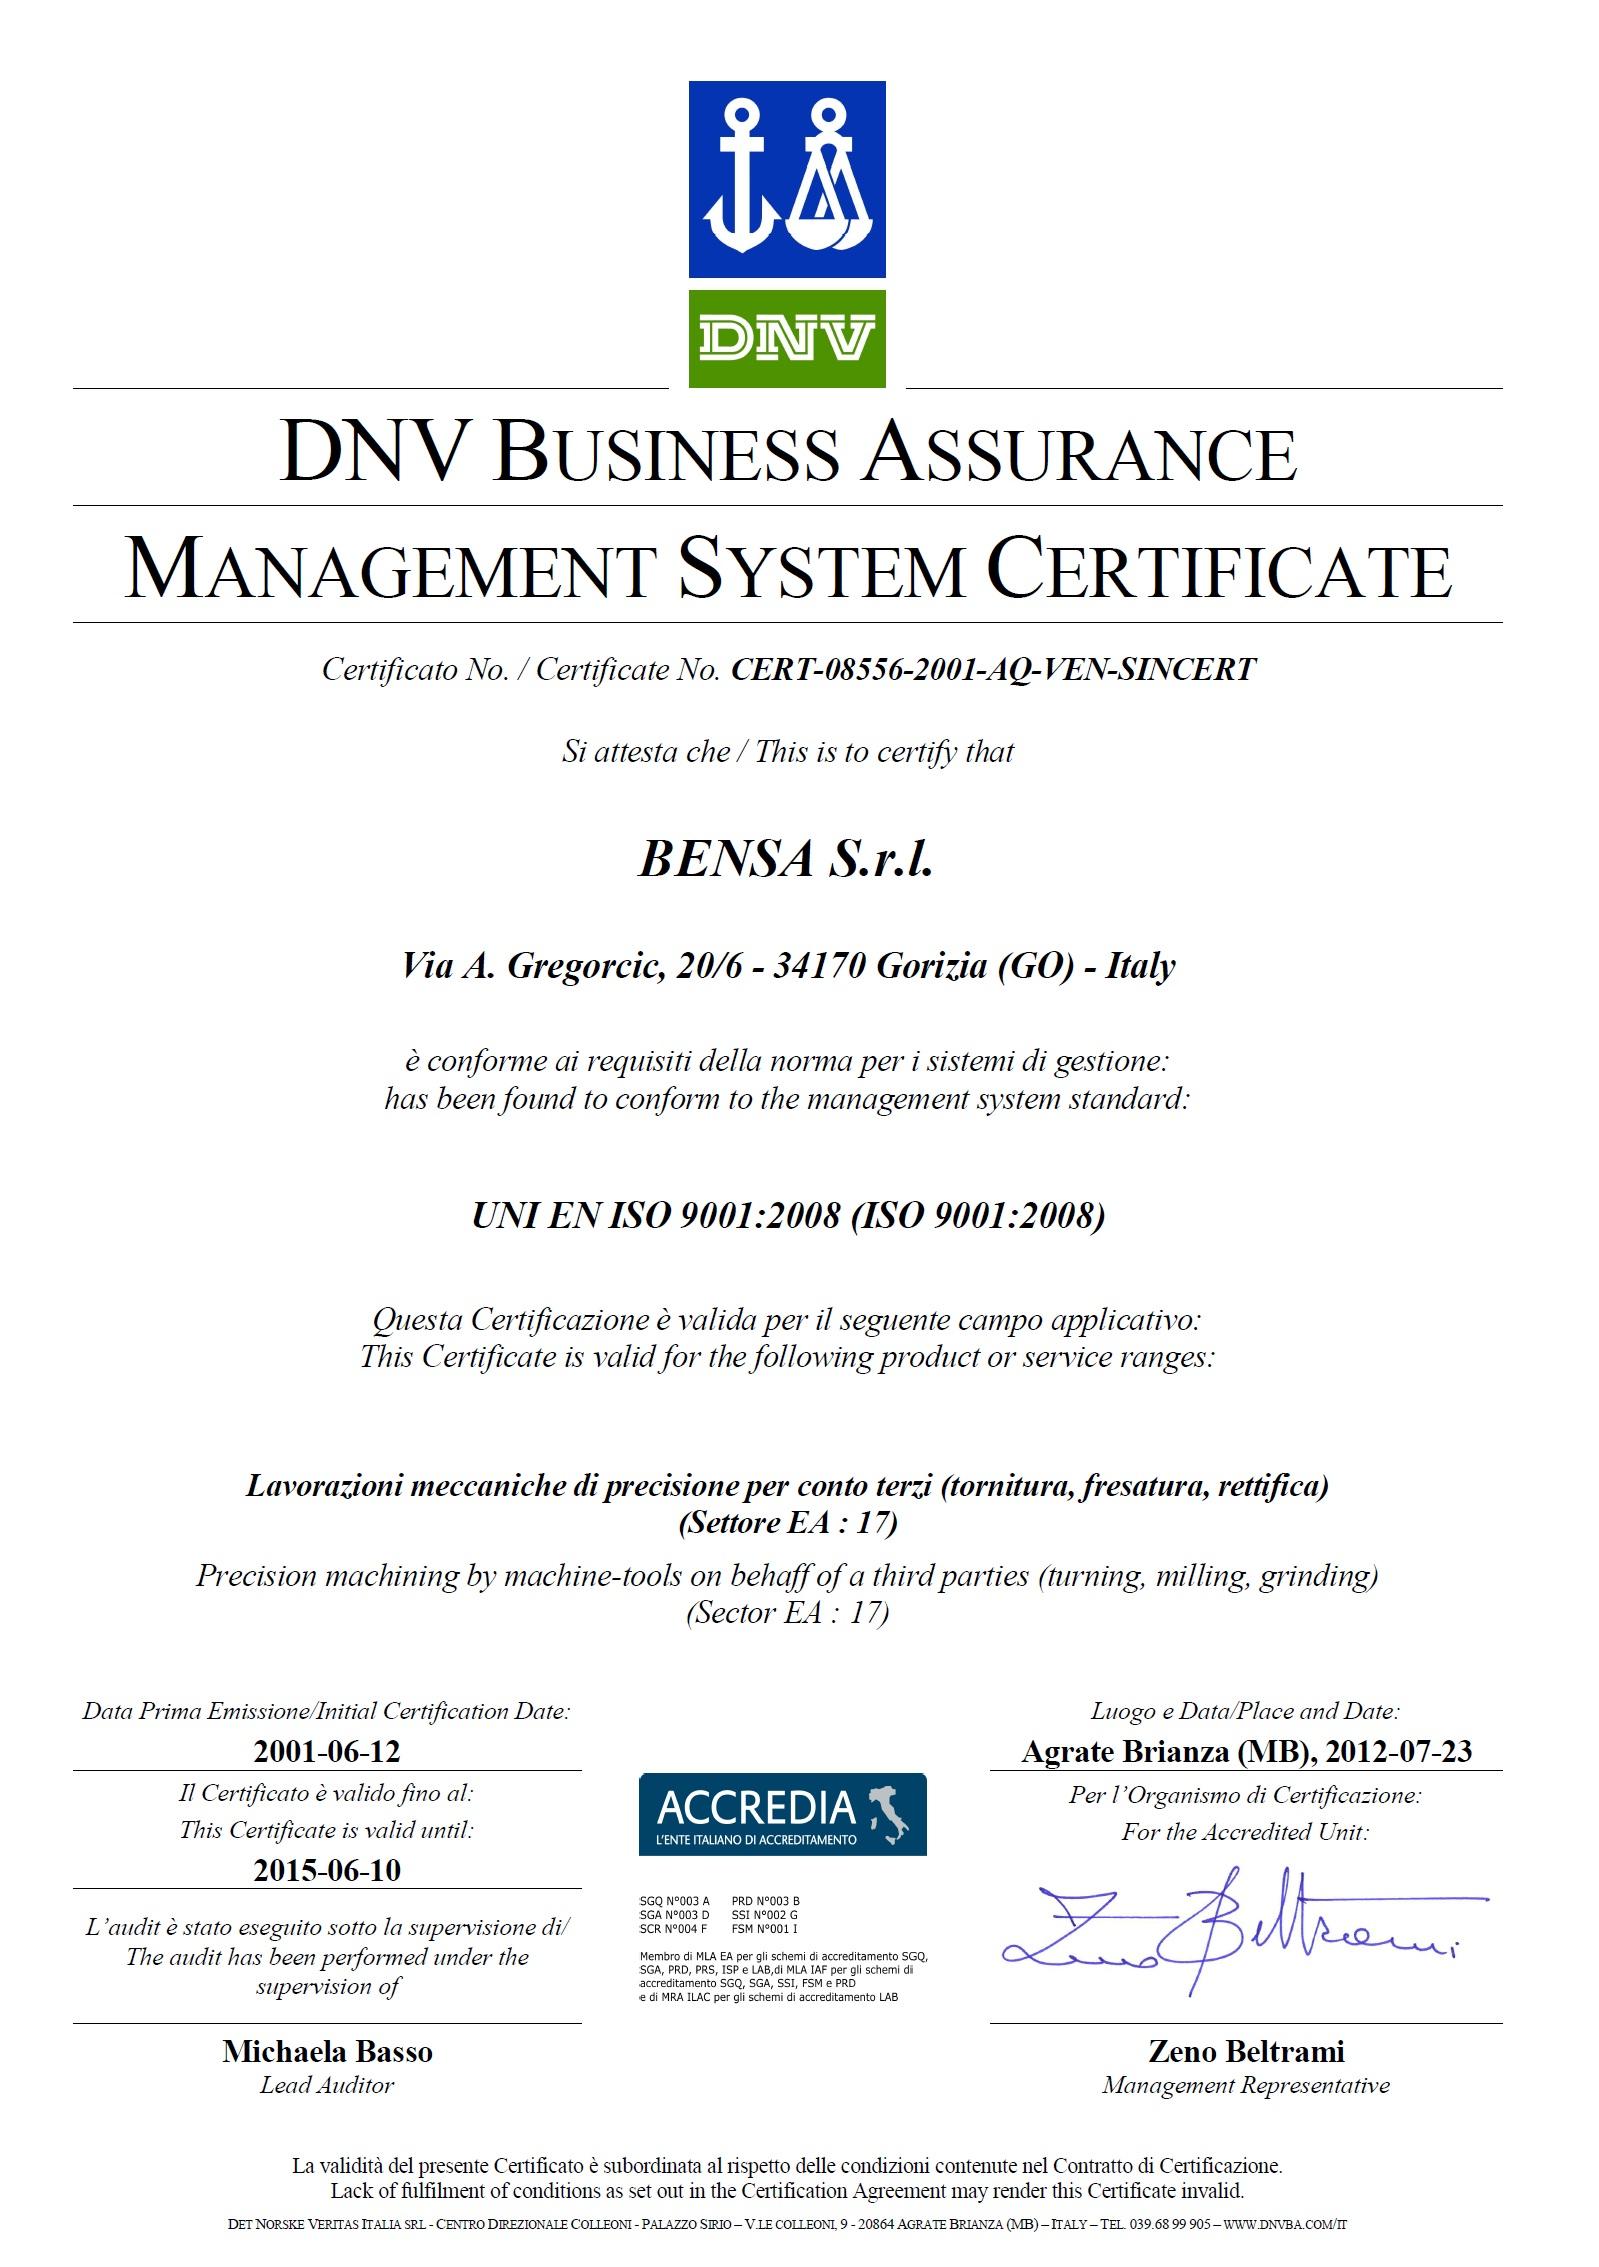 Certificato Bensa